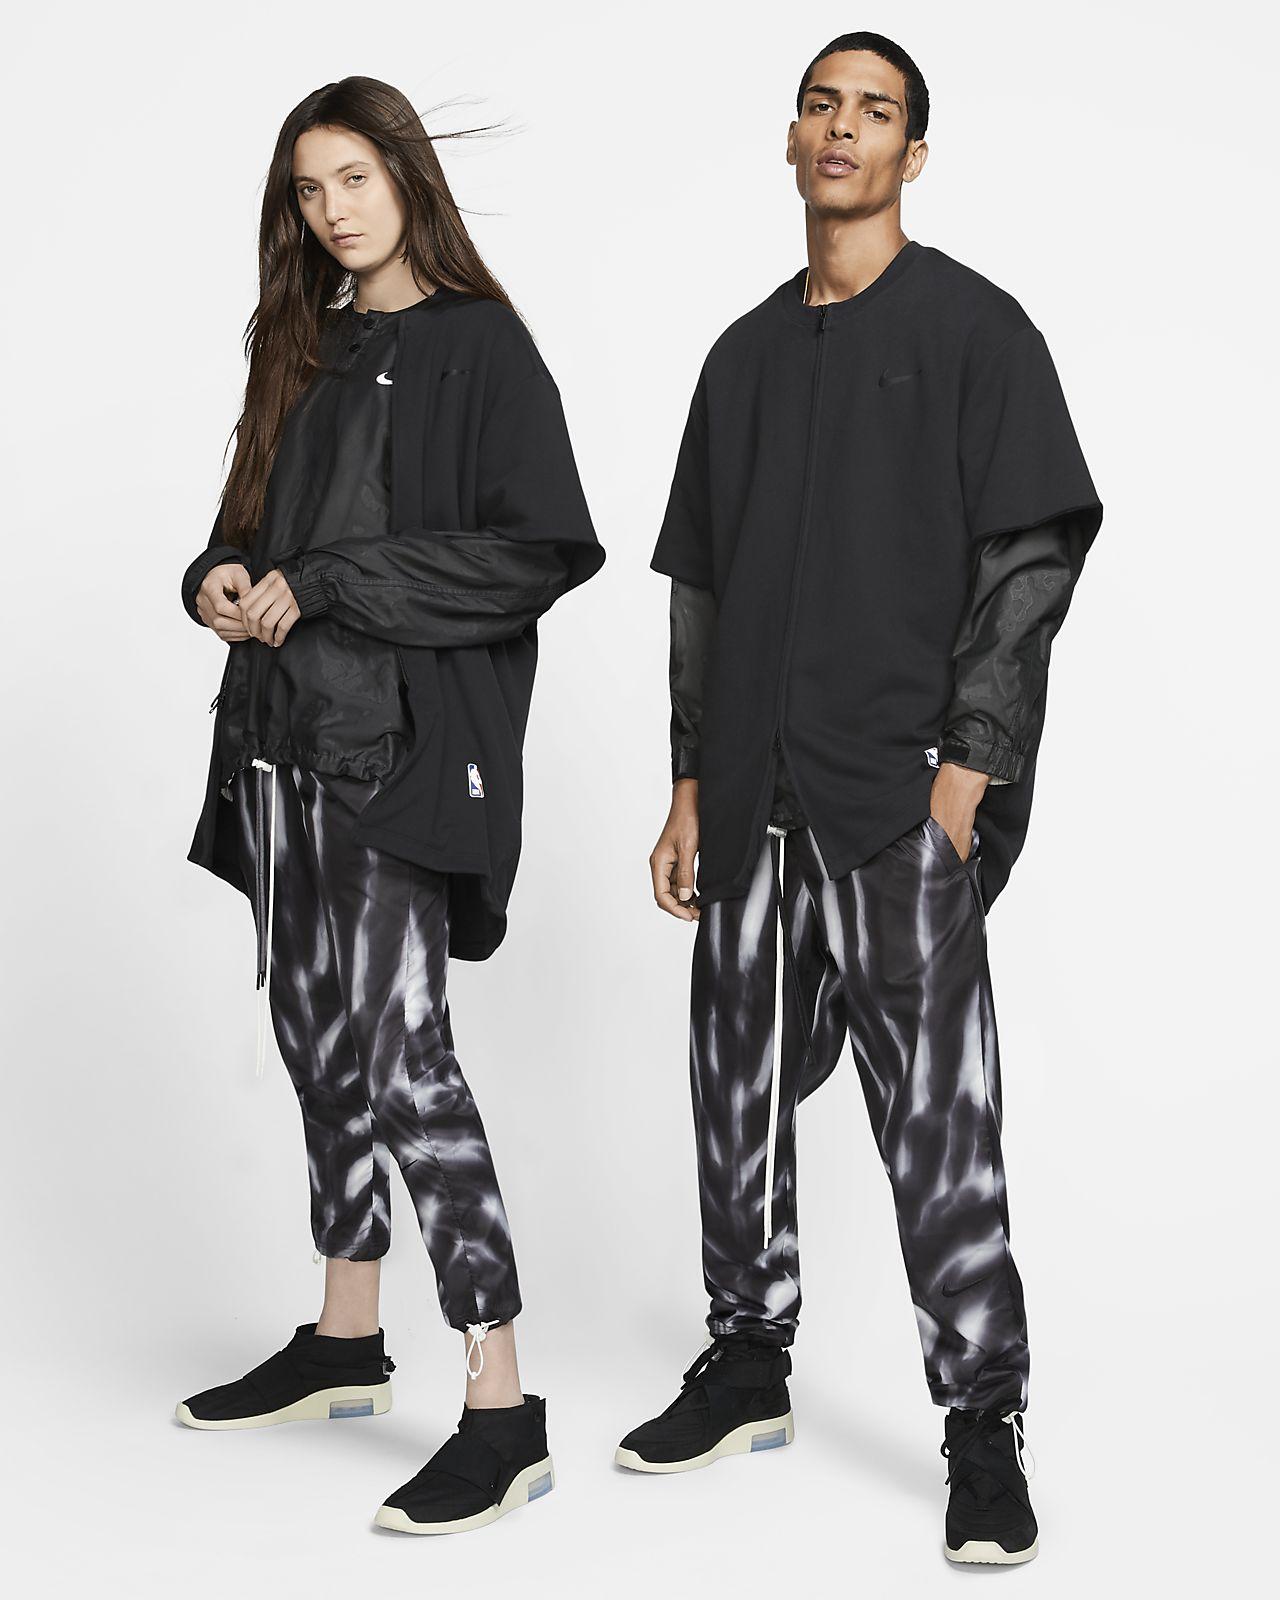 Kalhoty Nike x Fear of God s celoplošným potiskem